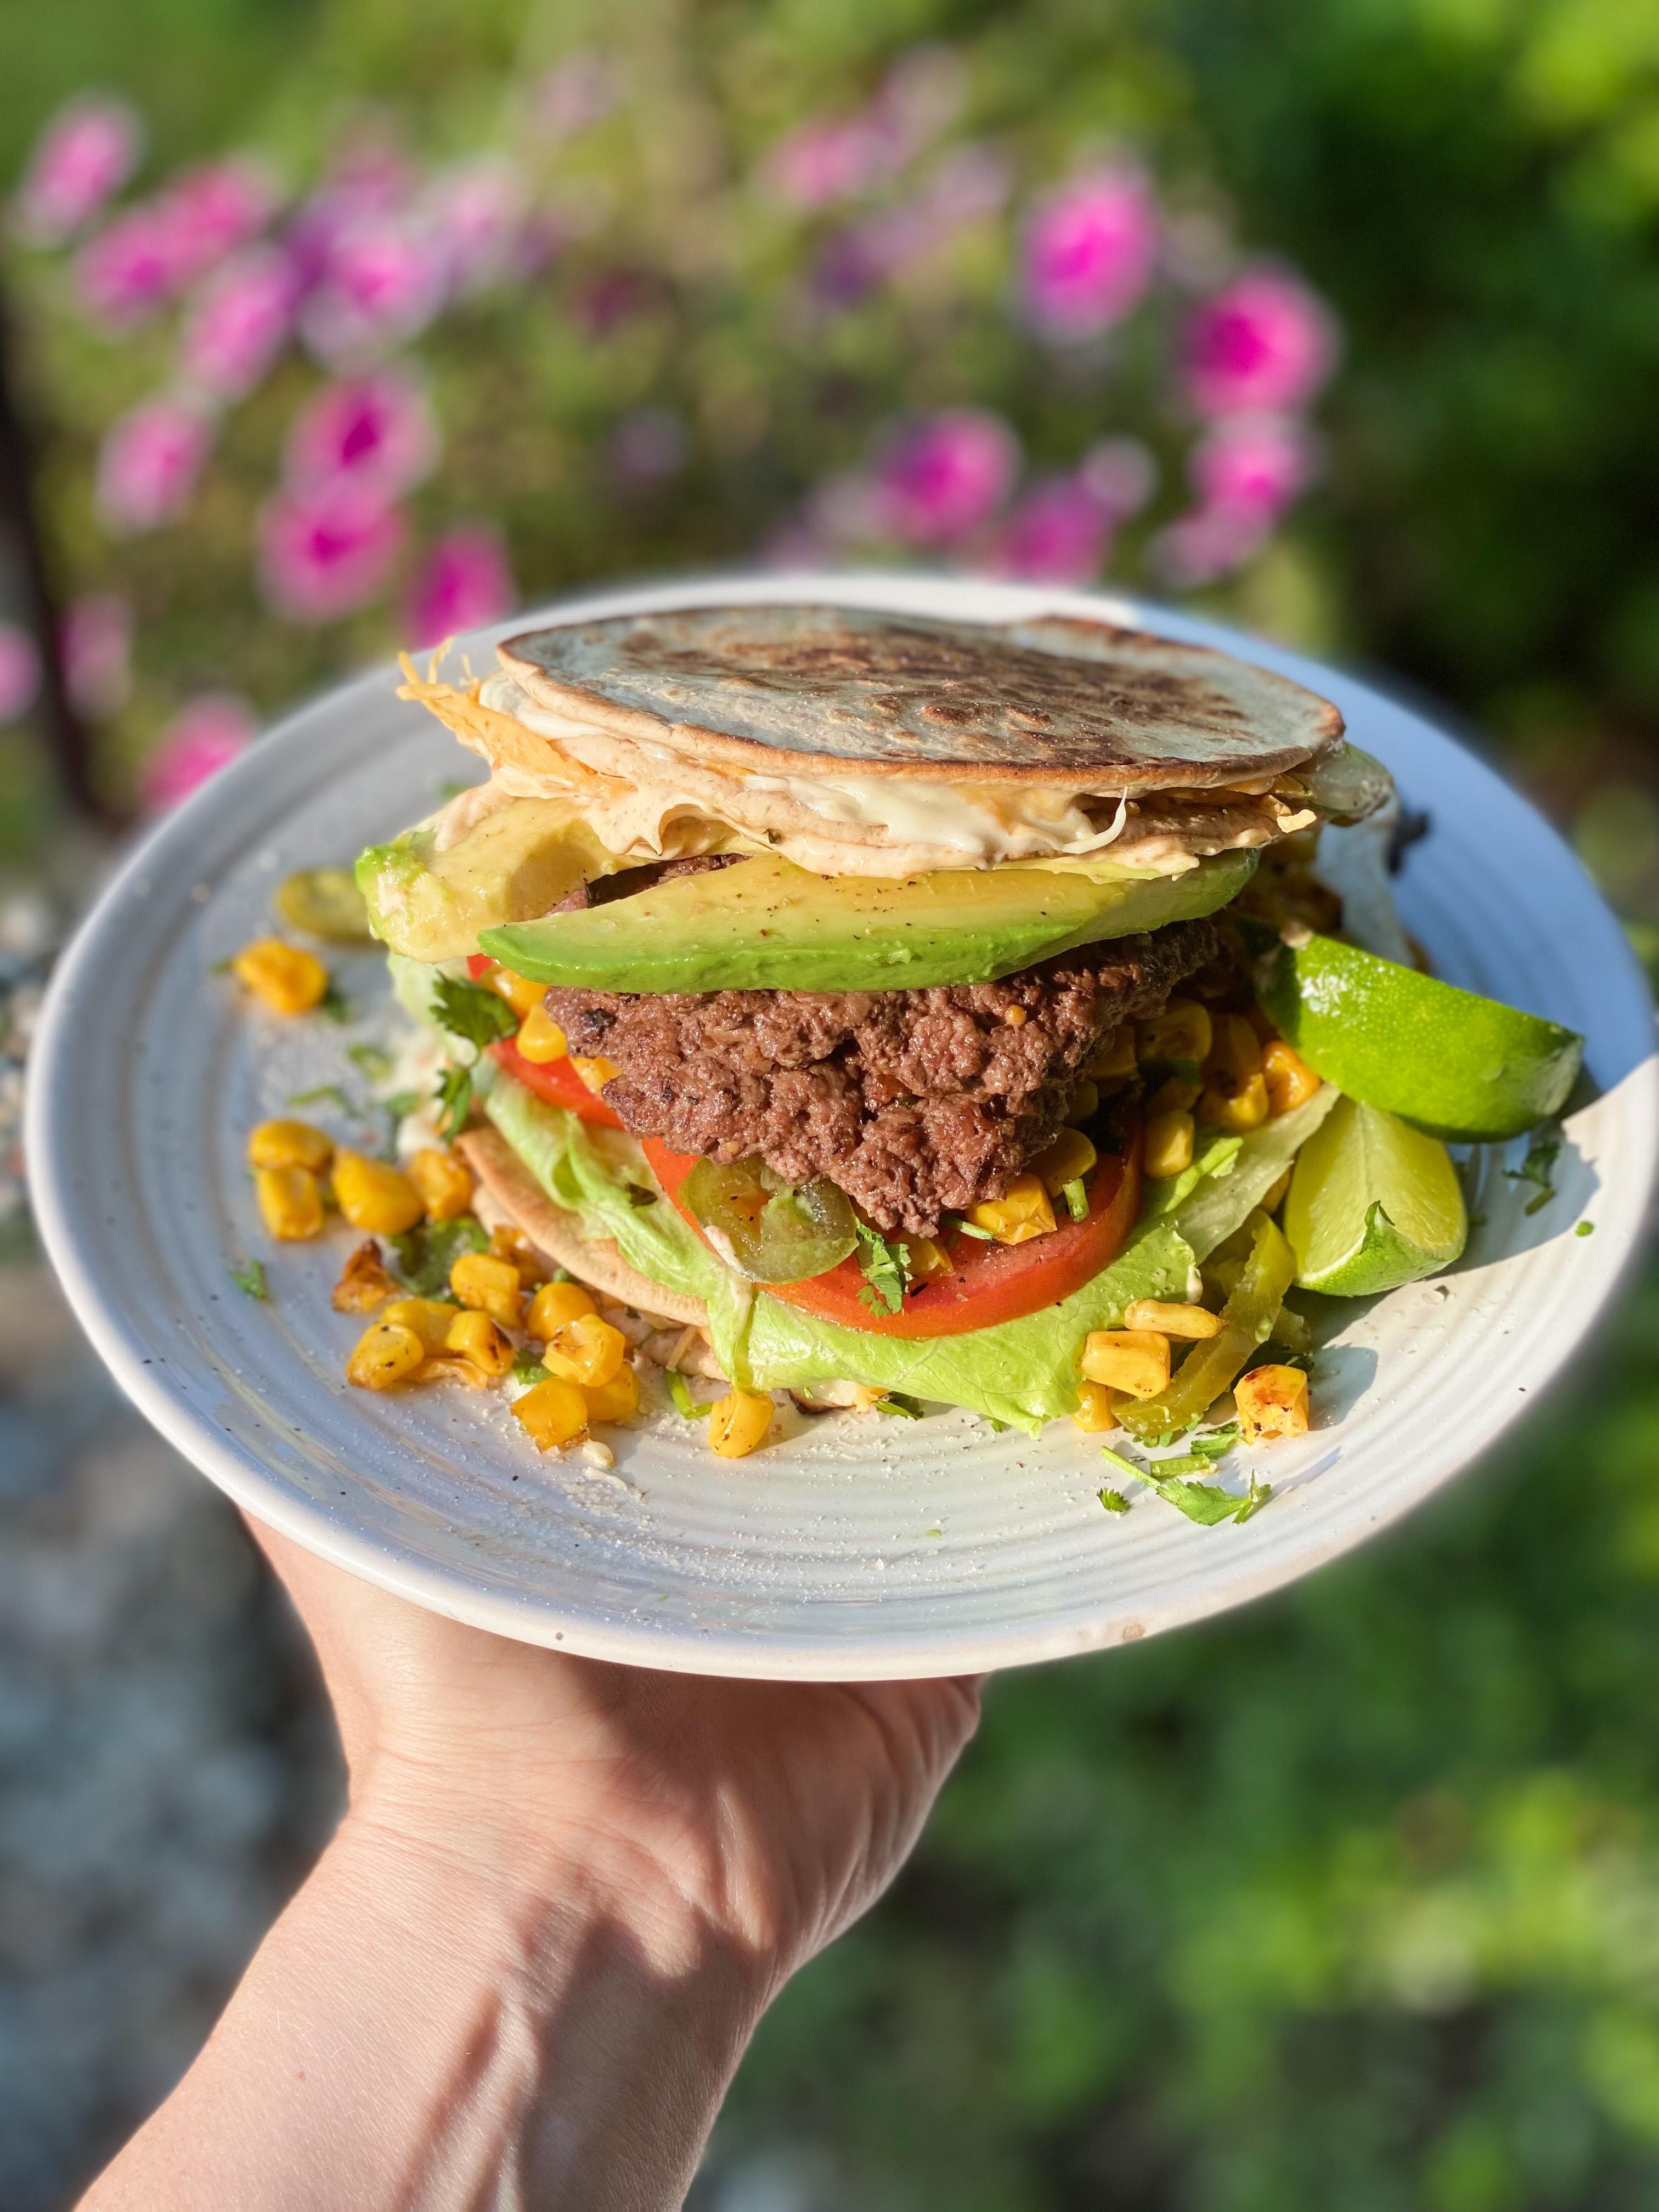 Quesadilla Burger With A Smoky Chipotle Mayo